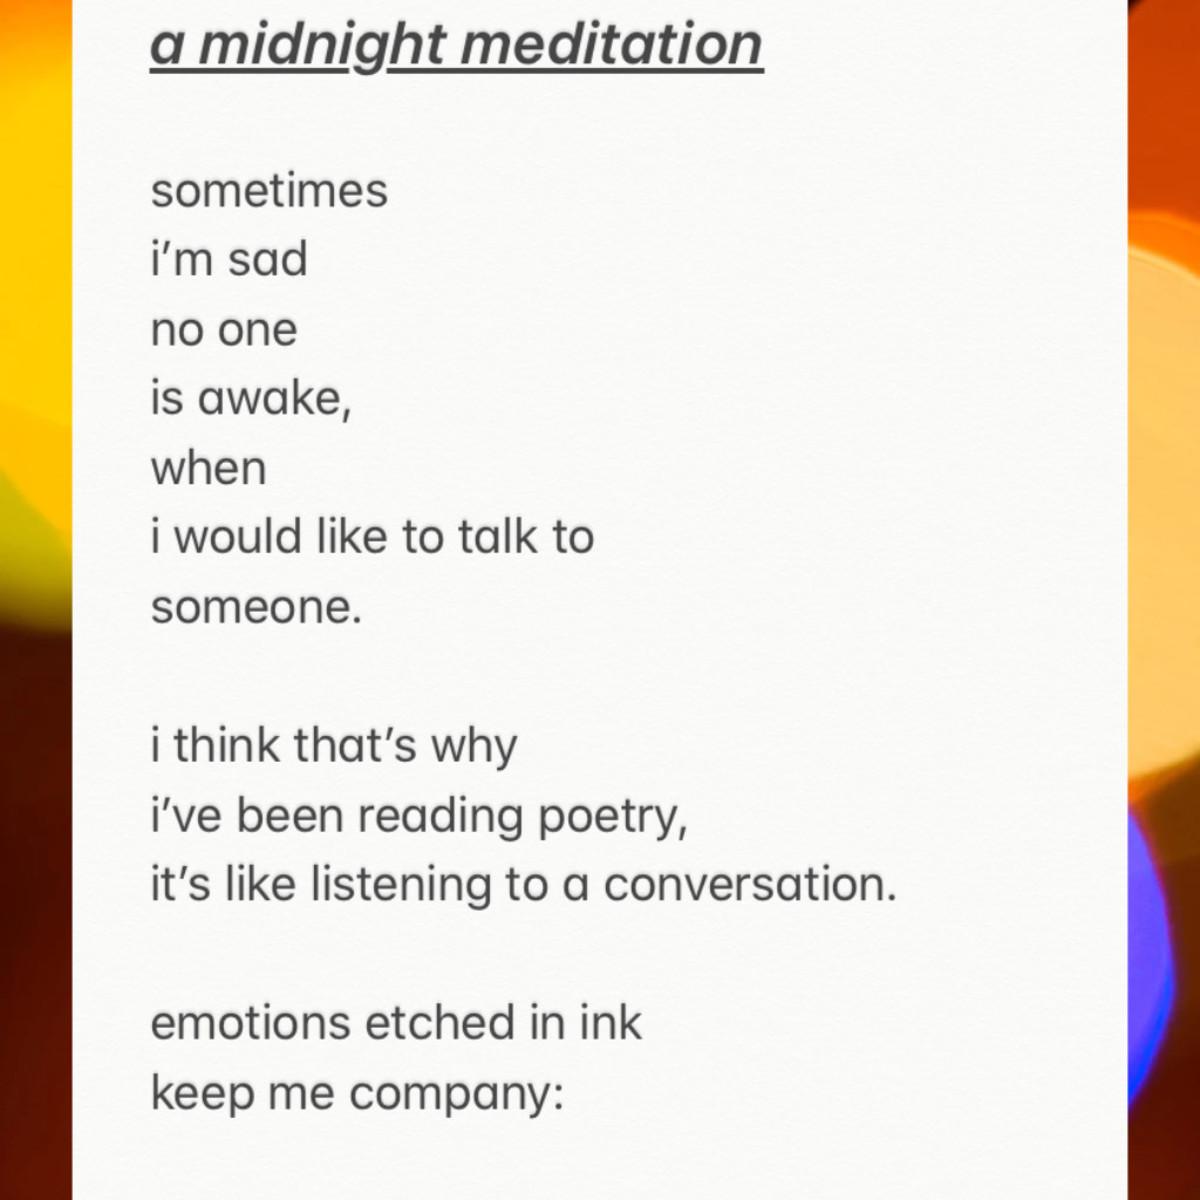 A Midnight Meditation